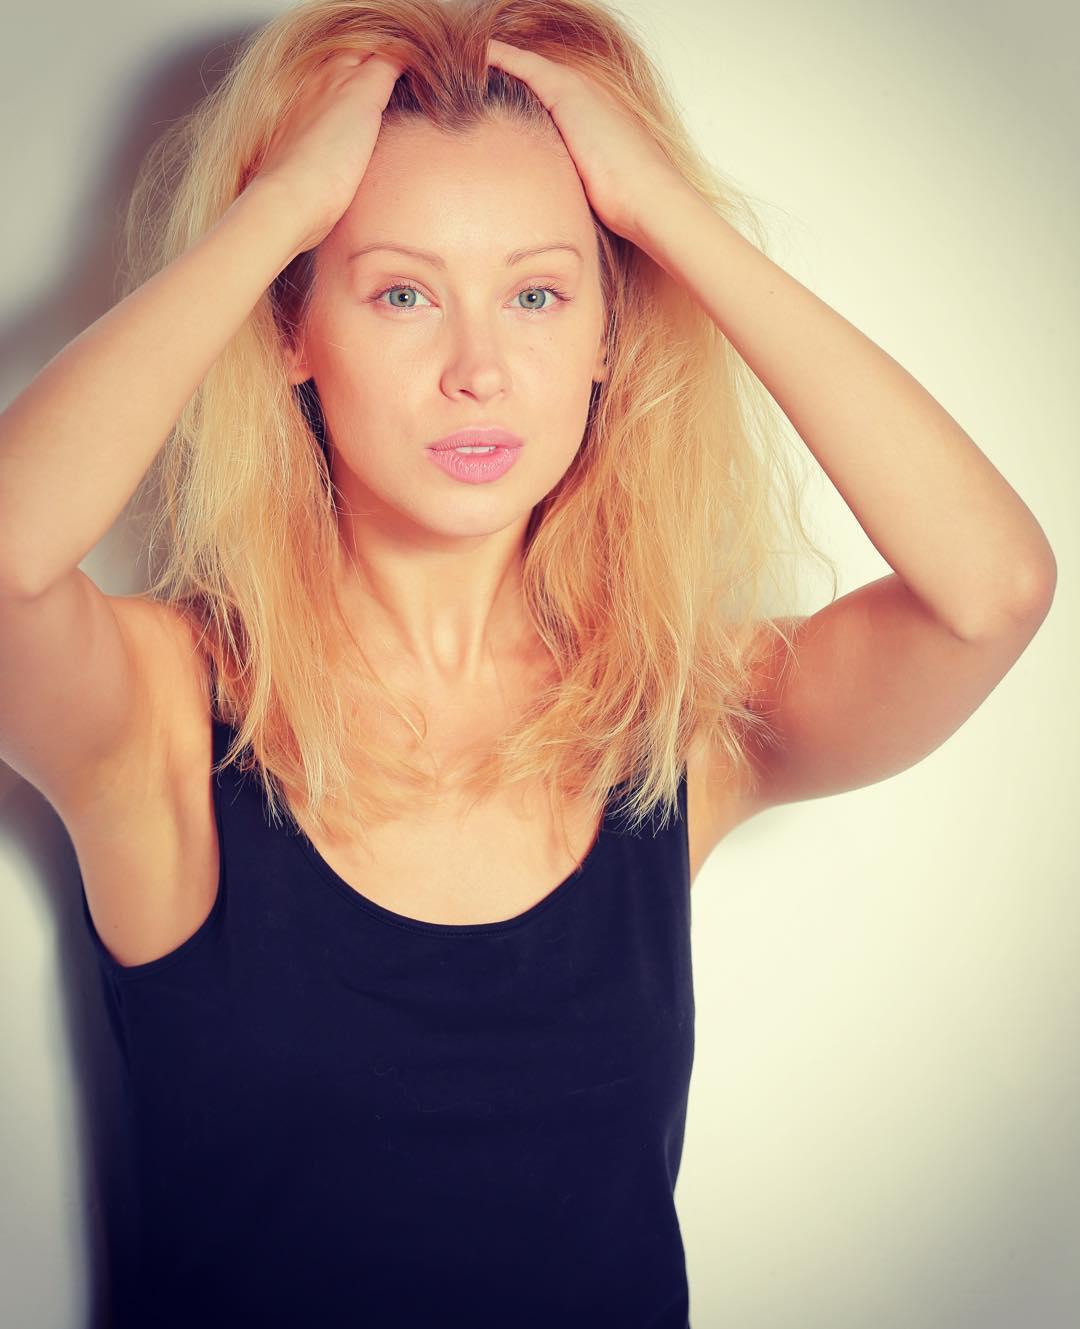 Ирина Темичева: Я был холодным и твердым,я был мостом, я лежал над пропастью... Фото @nikolai.gulakov